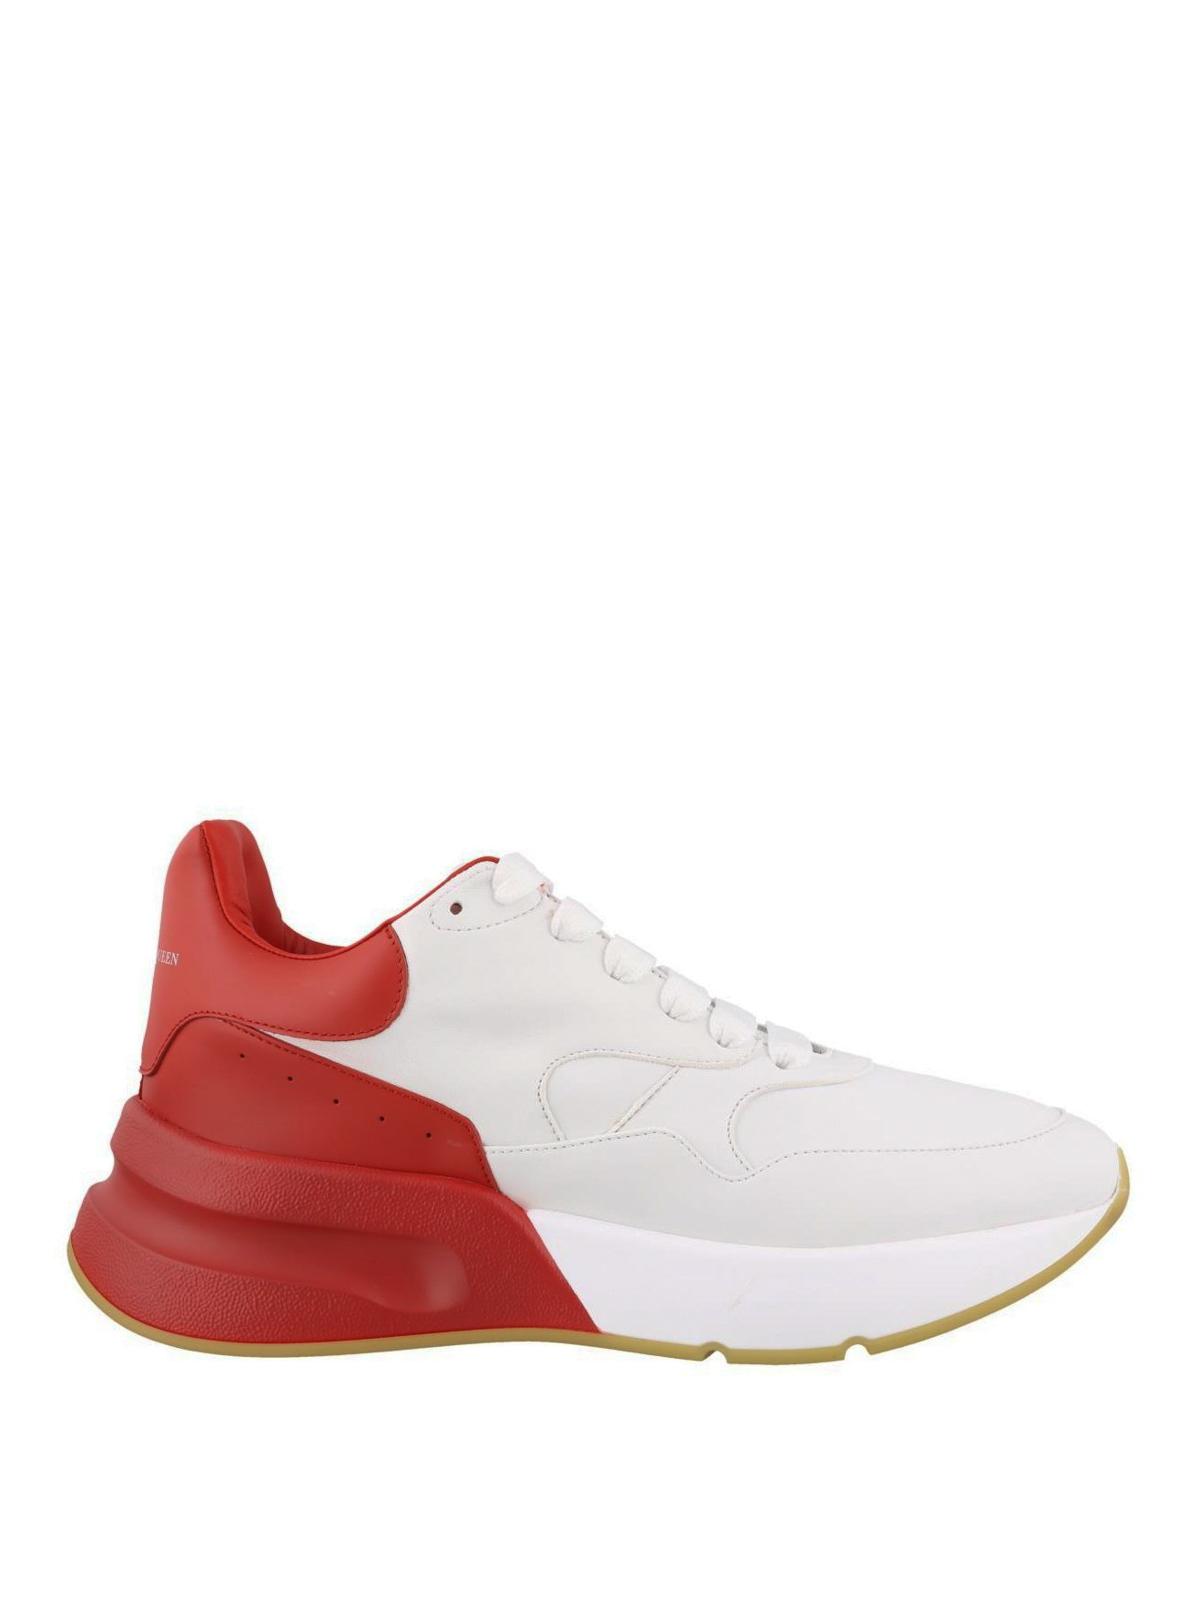 De Chaussures Sport Runner Mcqueen Oversize Alexander Baskets fwqFpSX